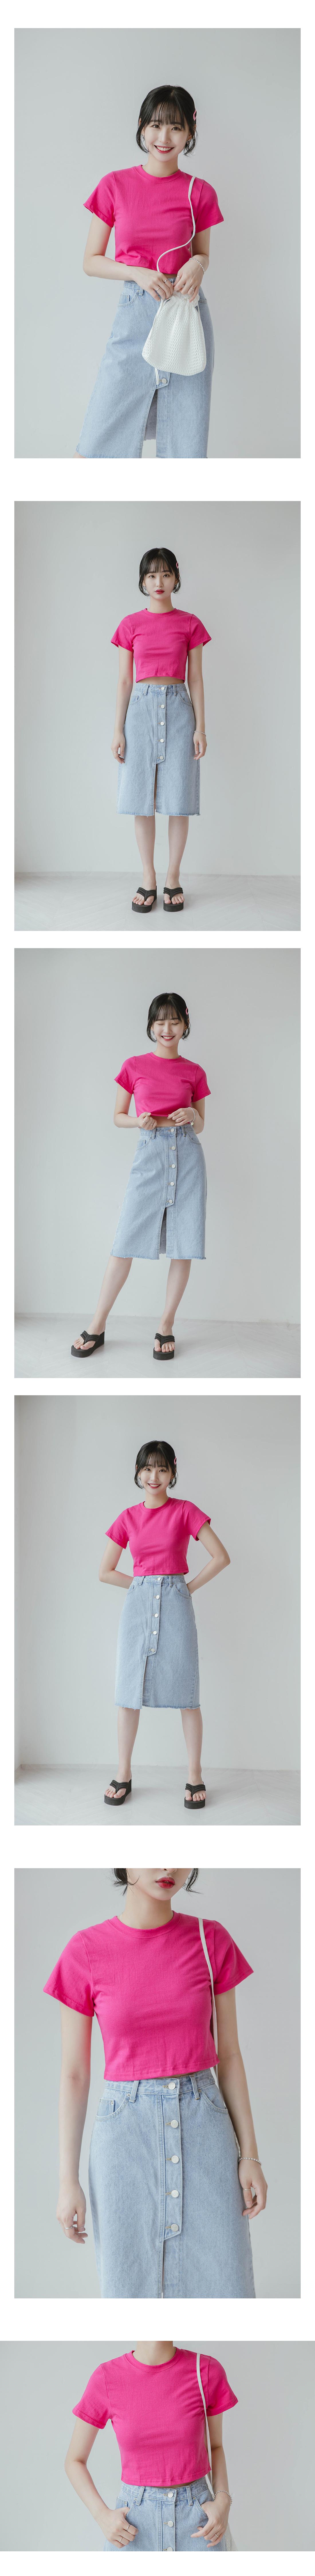 5 button denim skirt